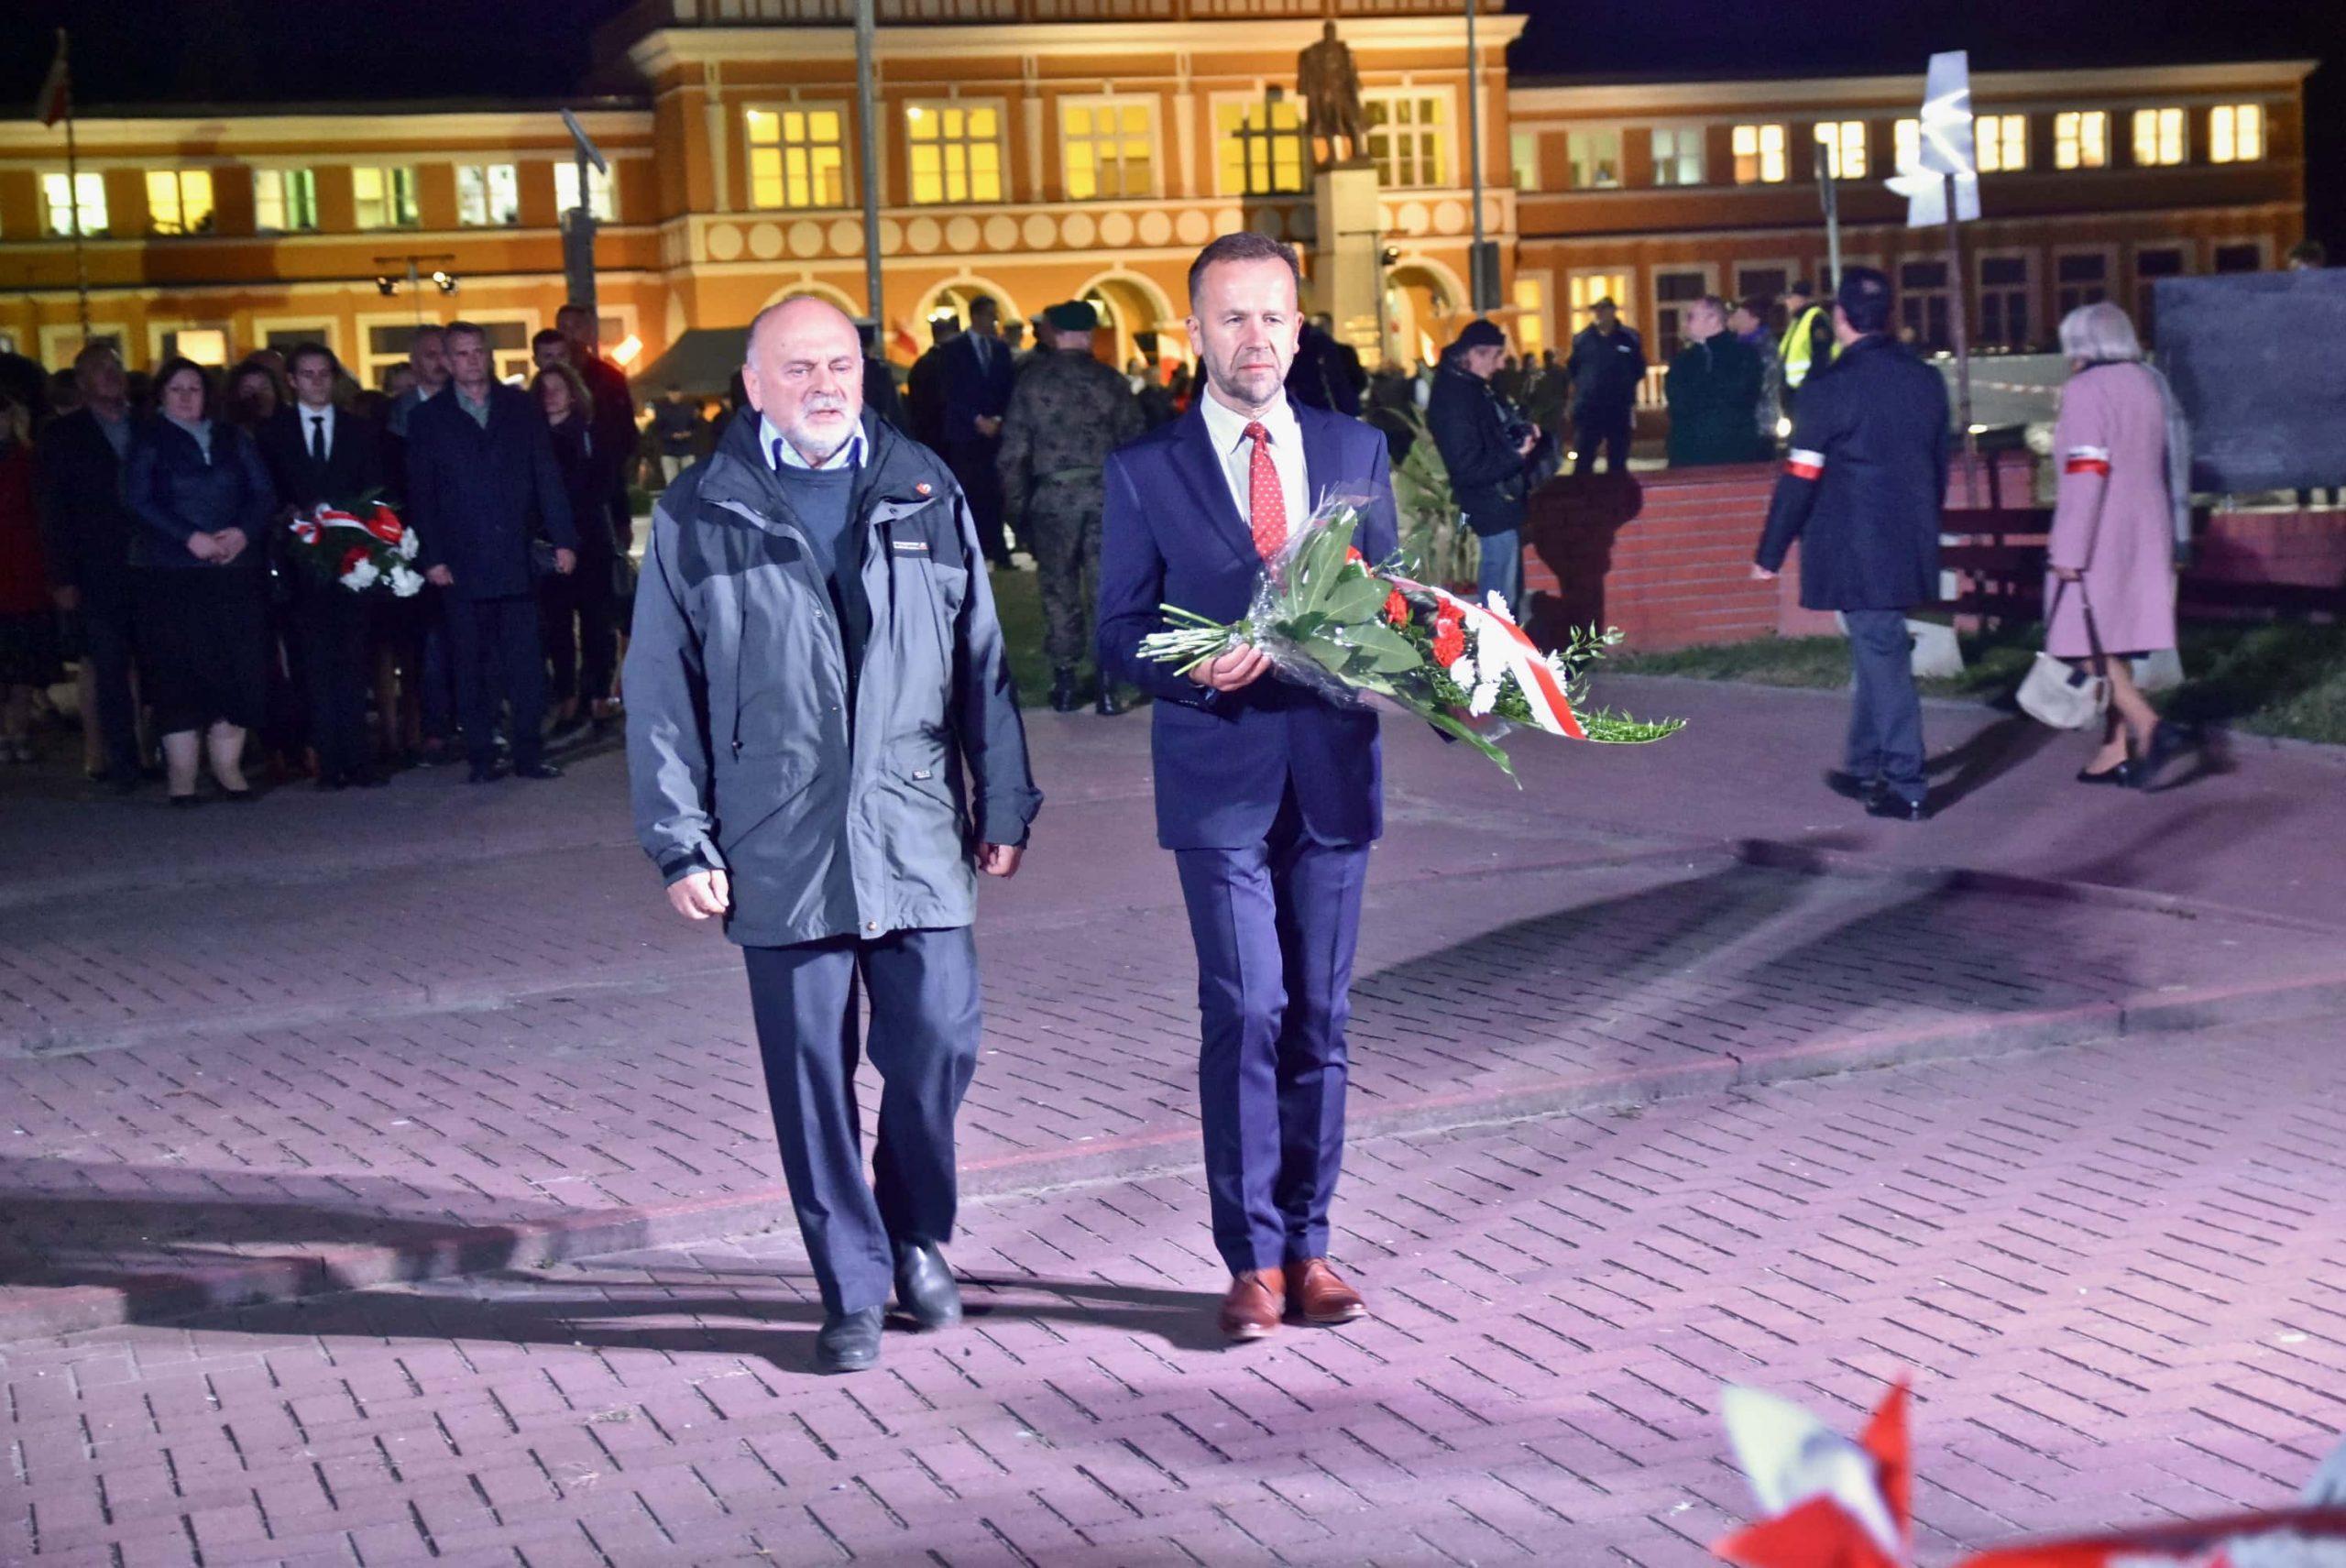 dsc 7803 scaled 80. rocznica agresji sowieckiej na Polskę - uroczystości w Zamościu